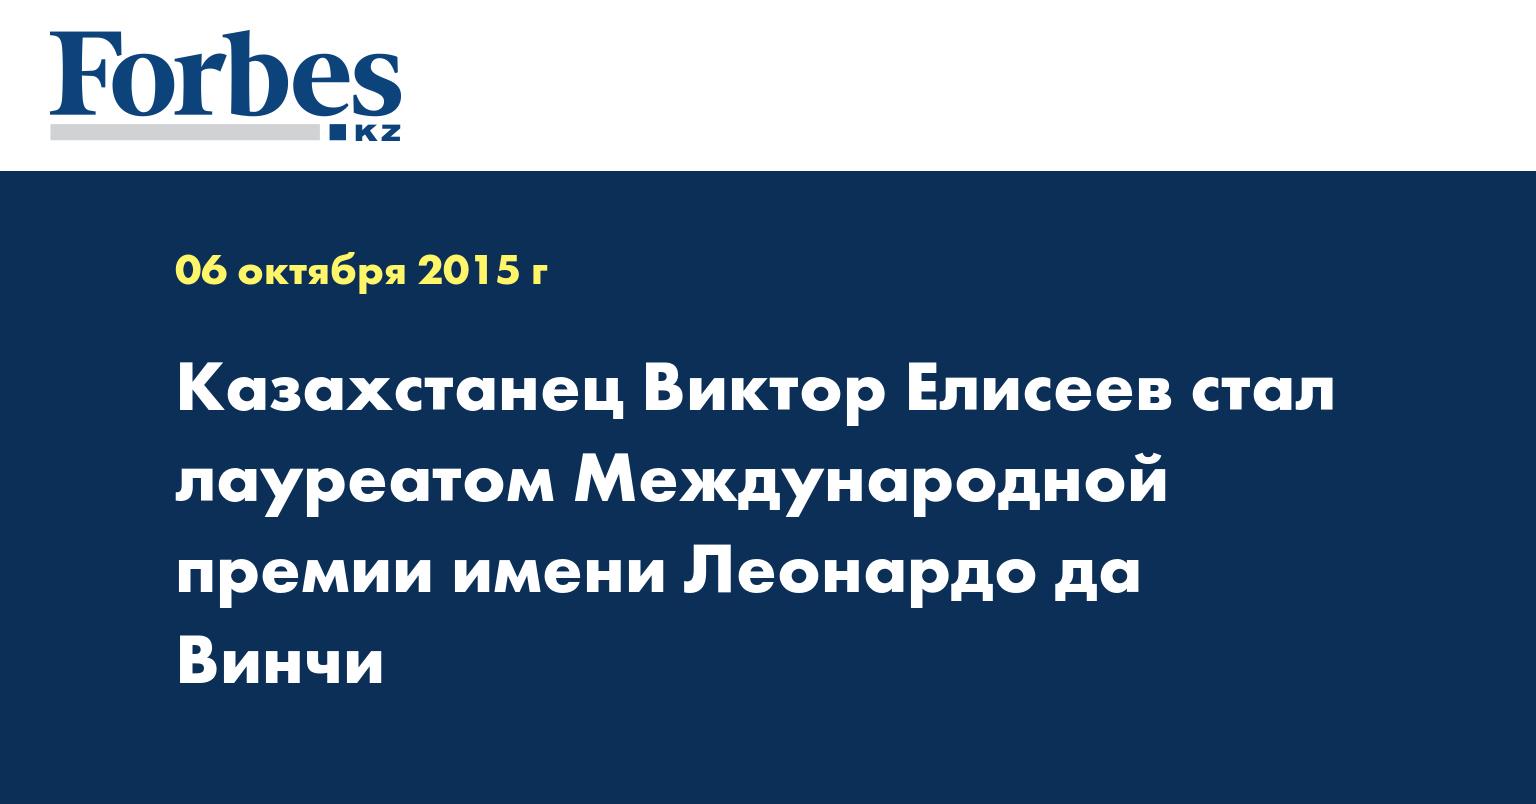 Казахстанец Виктор Елисеев стал лауреатом Международной премии имени Леонардо да Винчи